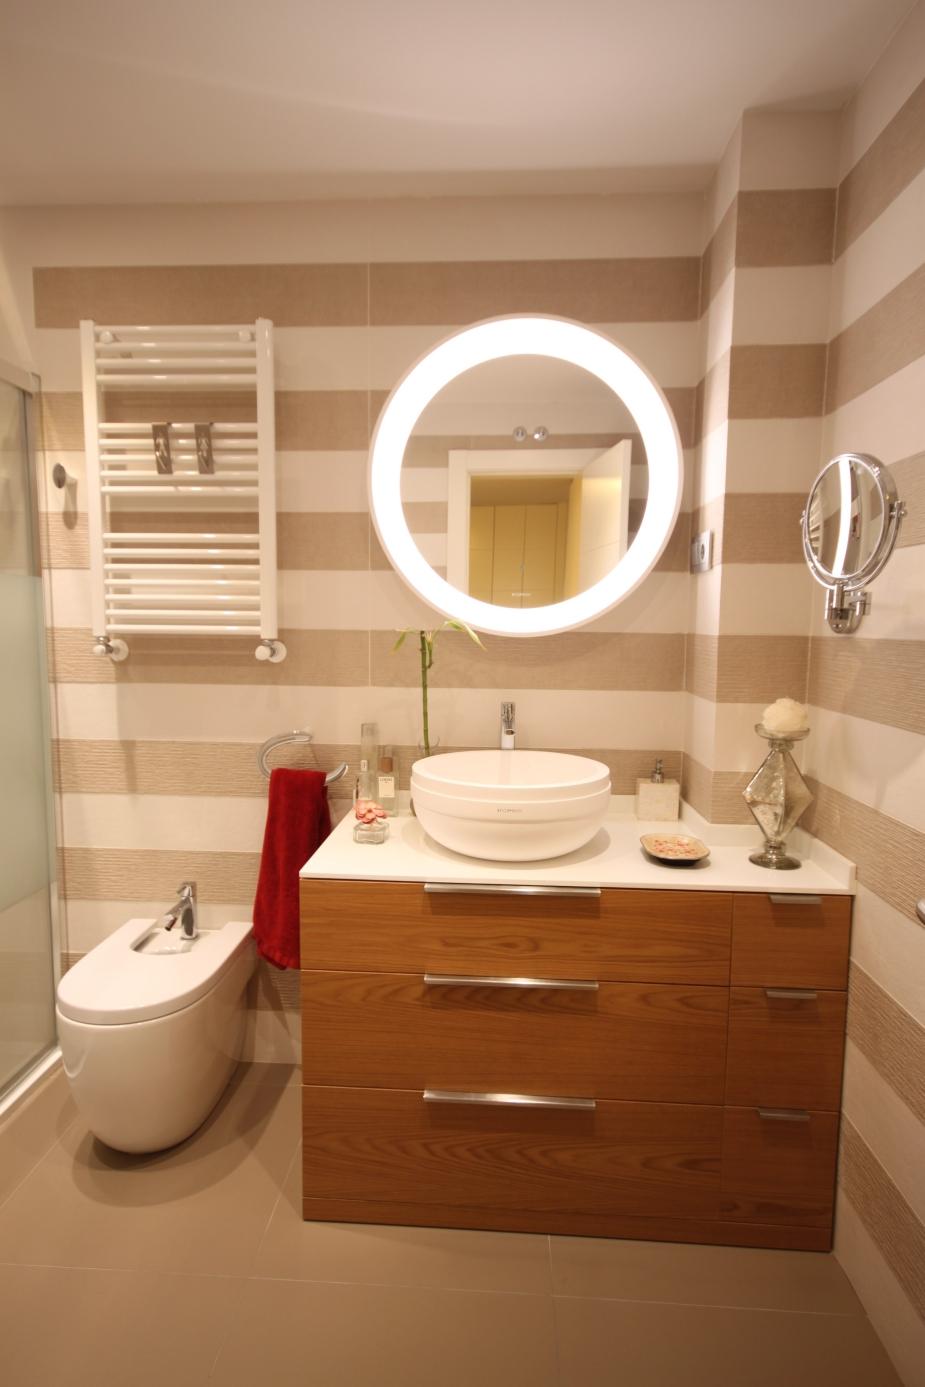 Gahecor baño reformado con azulejo de porcelanosa y mueble de baño con encimera de Krion